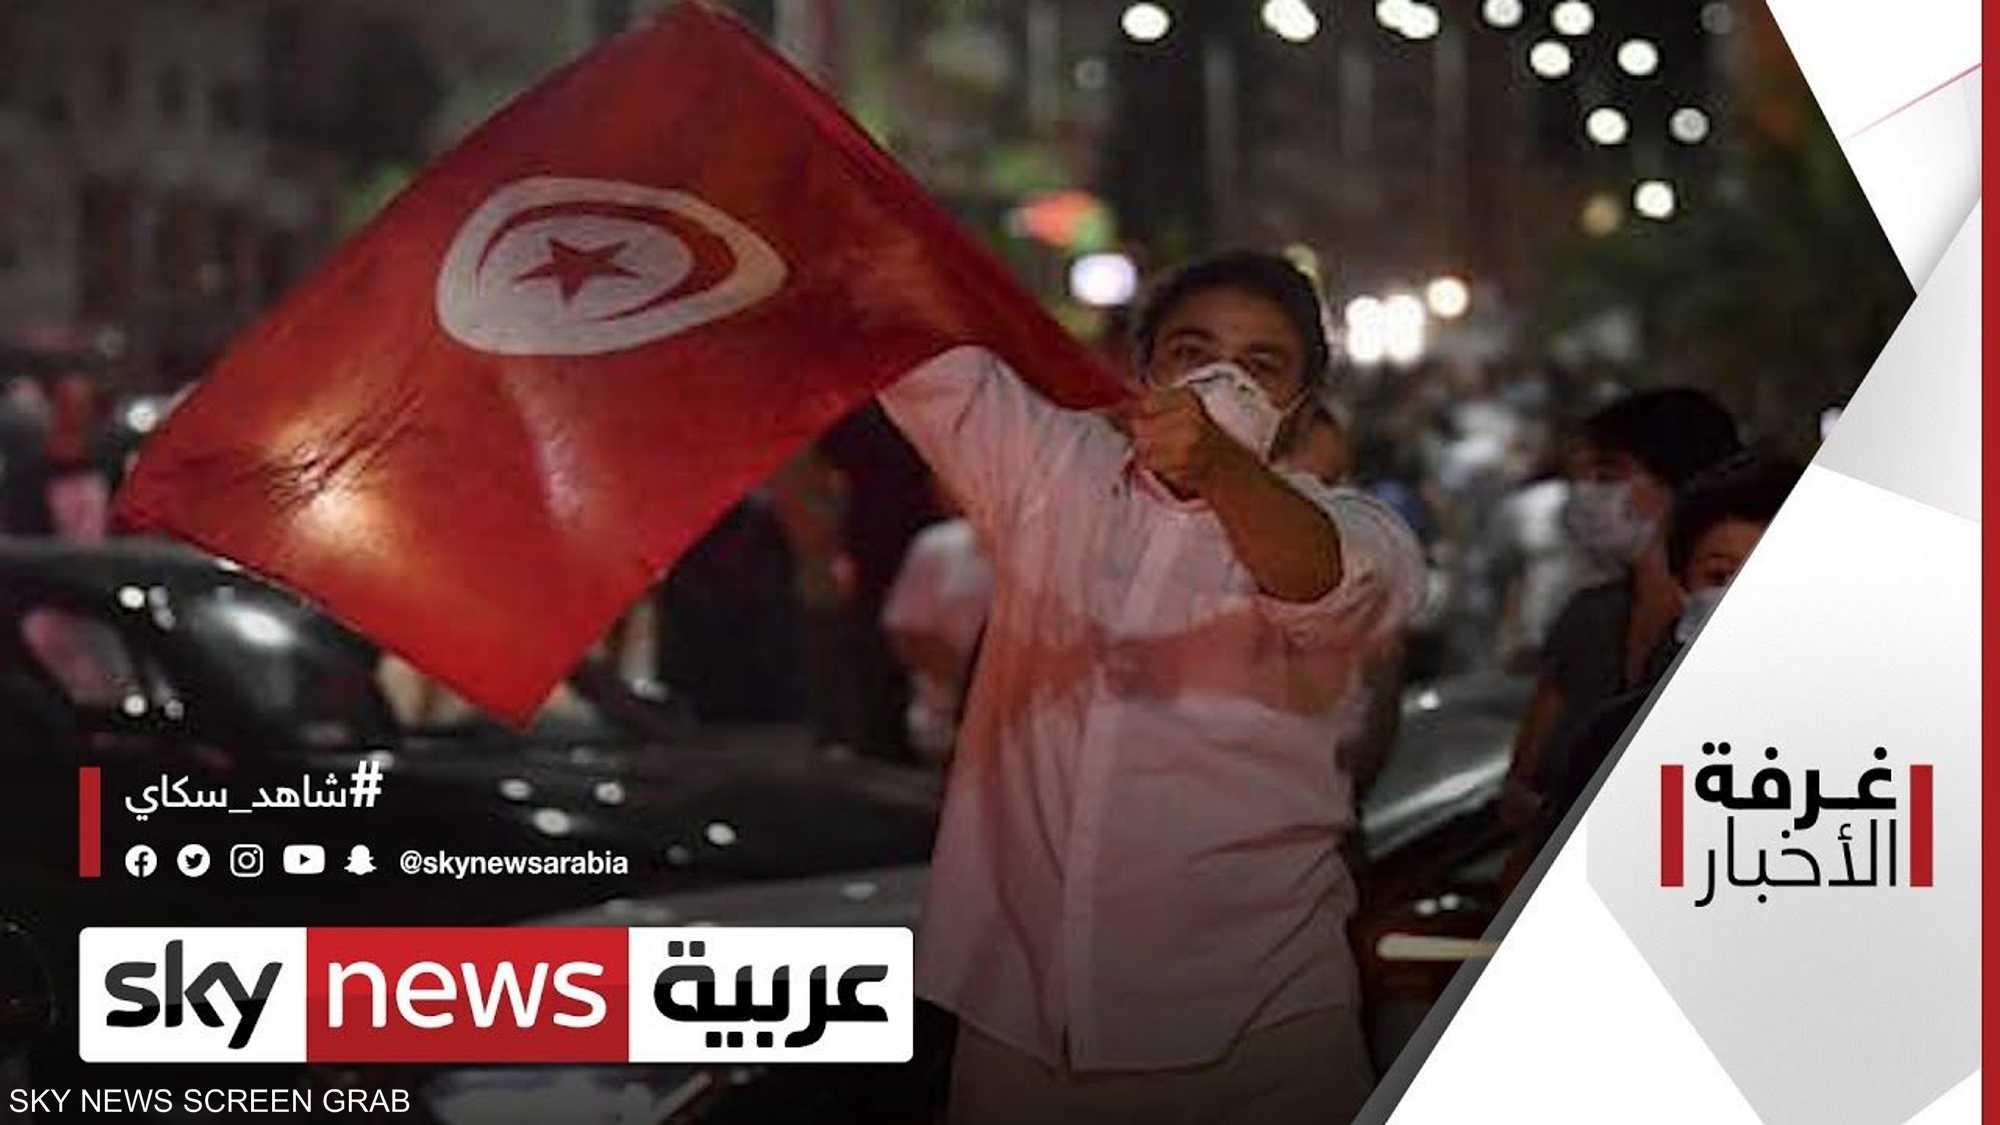 تونس في مسار التغيير.. إدانات للتحريض والتضليل